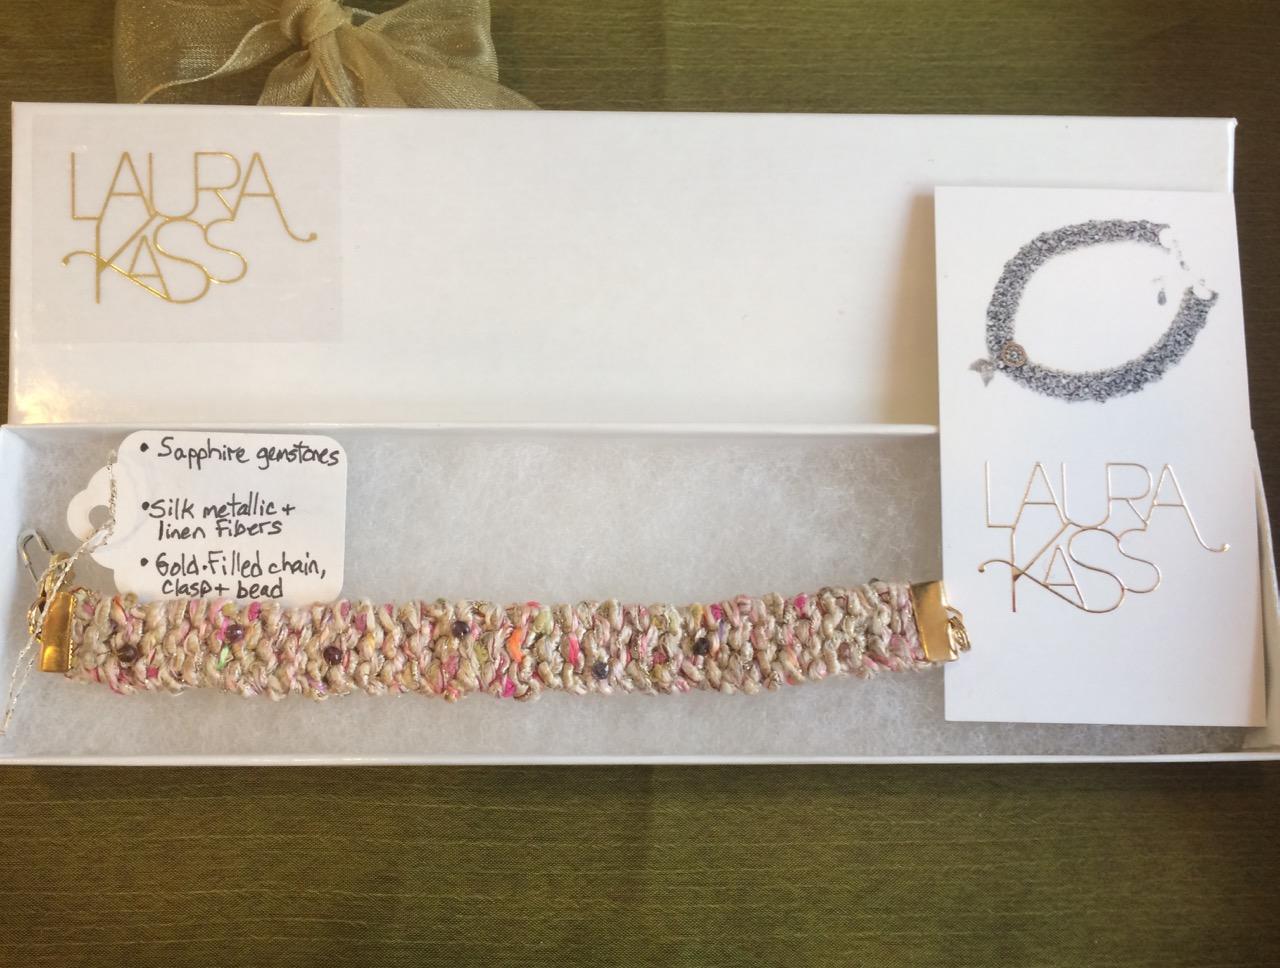 Laura Kass  bracelet  Value: 72.-